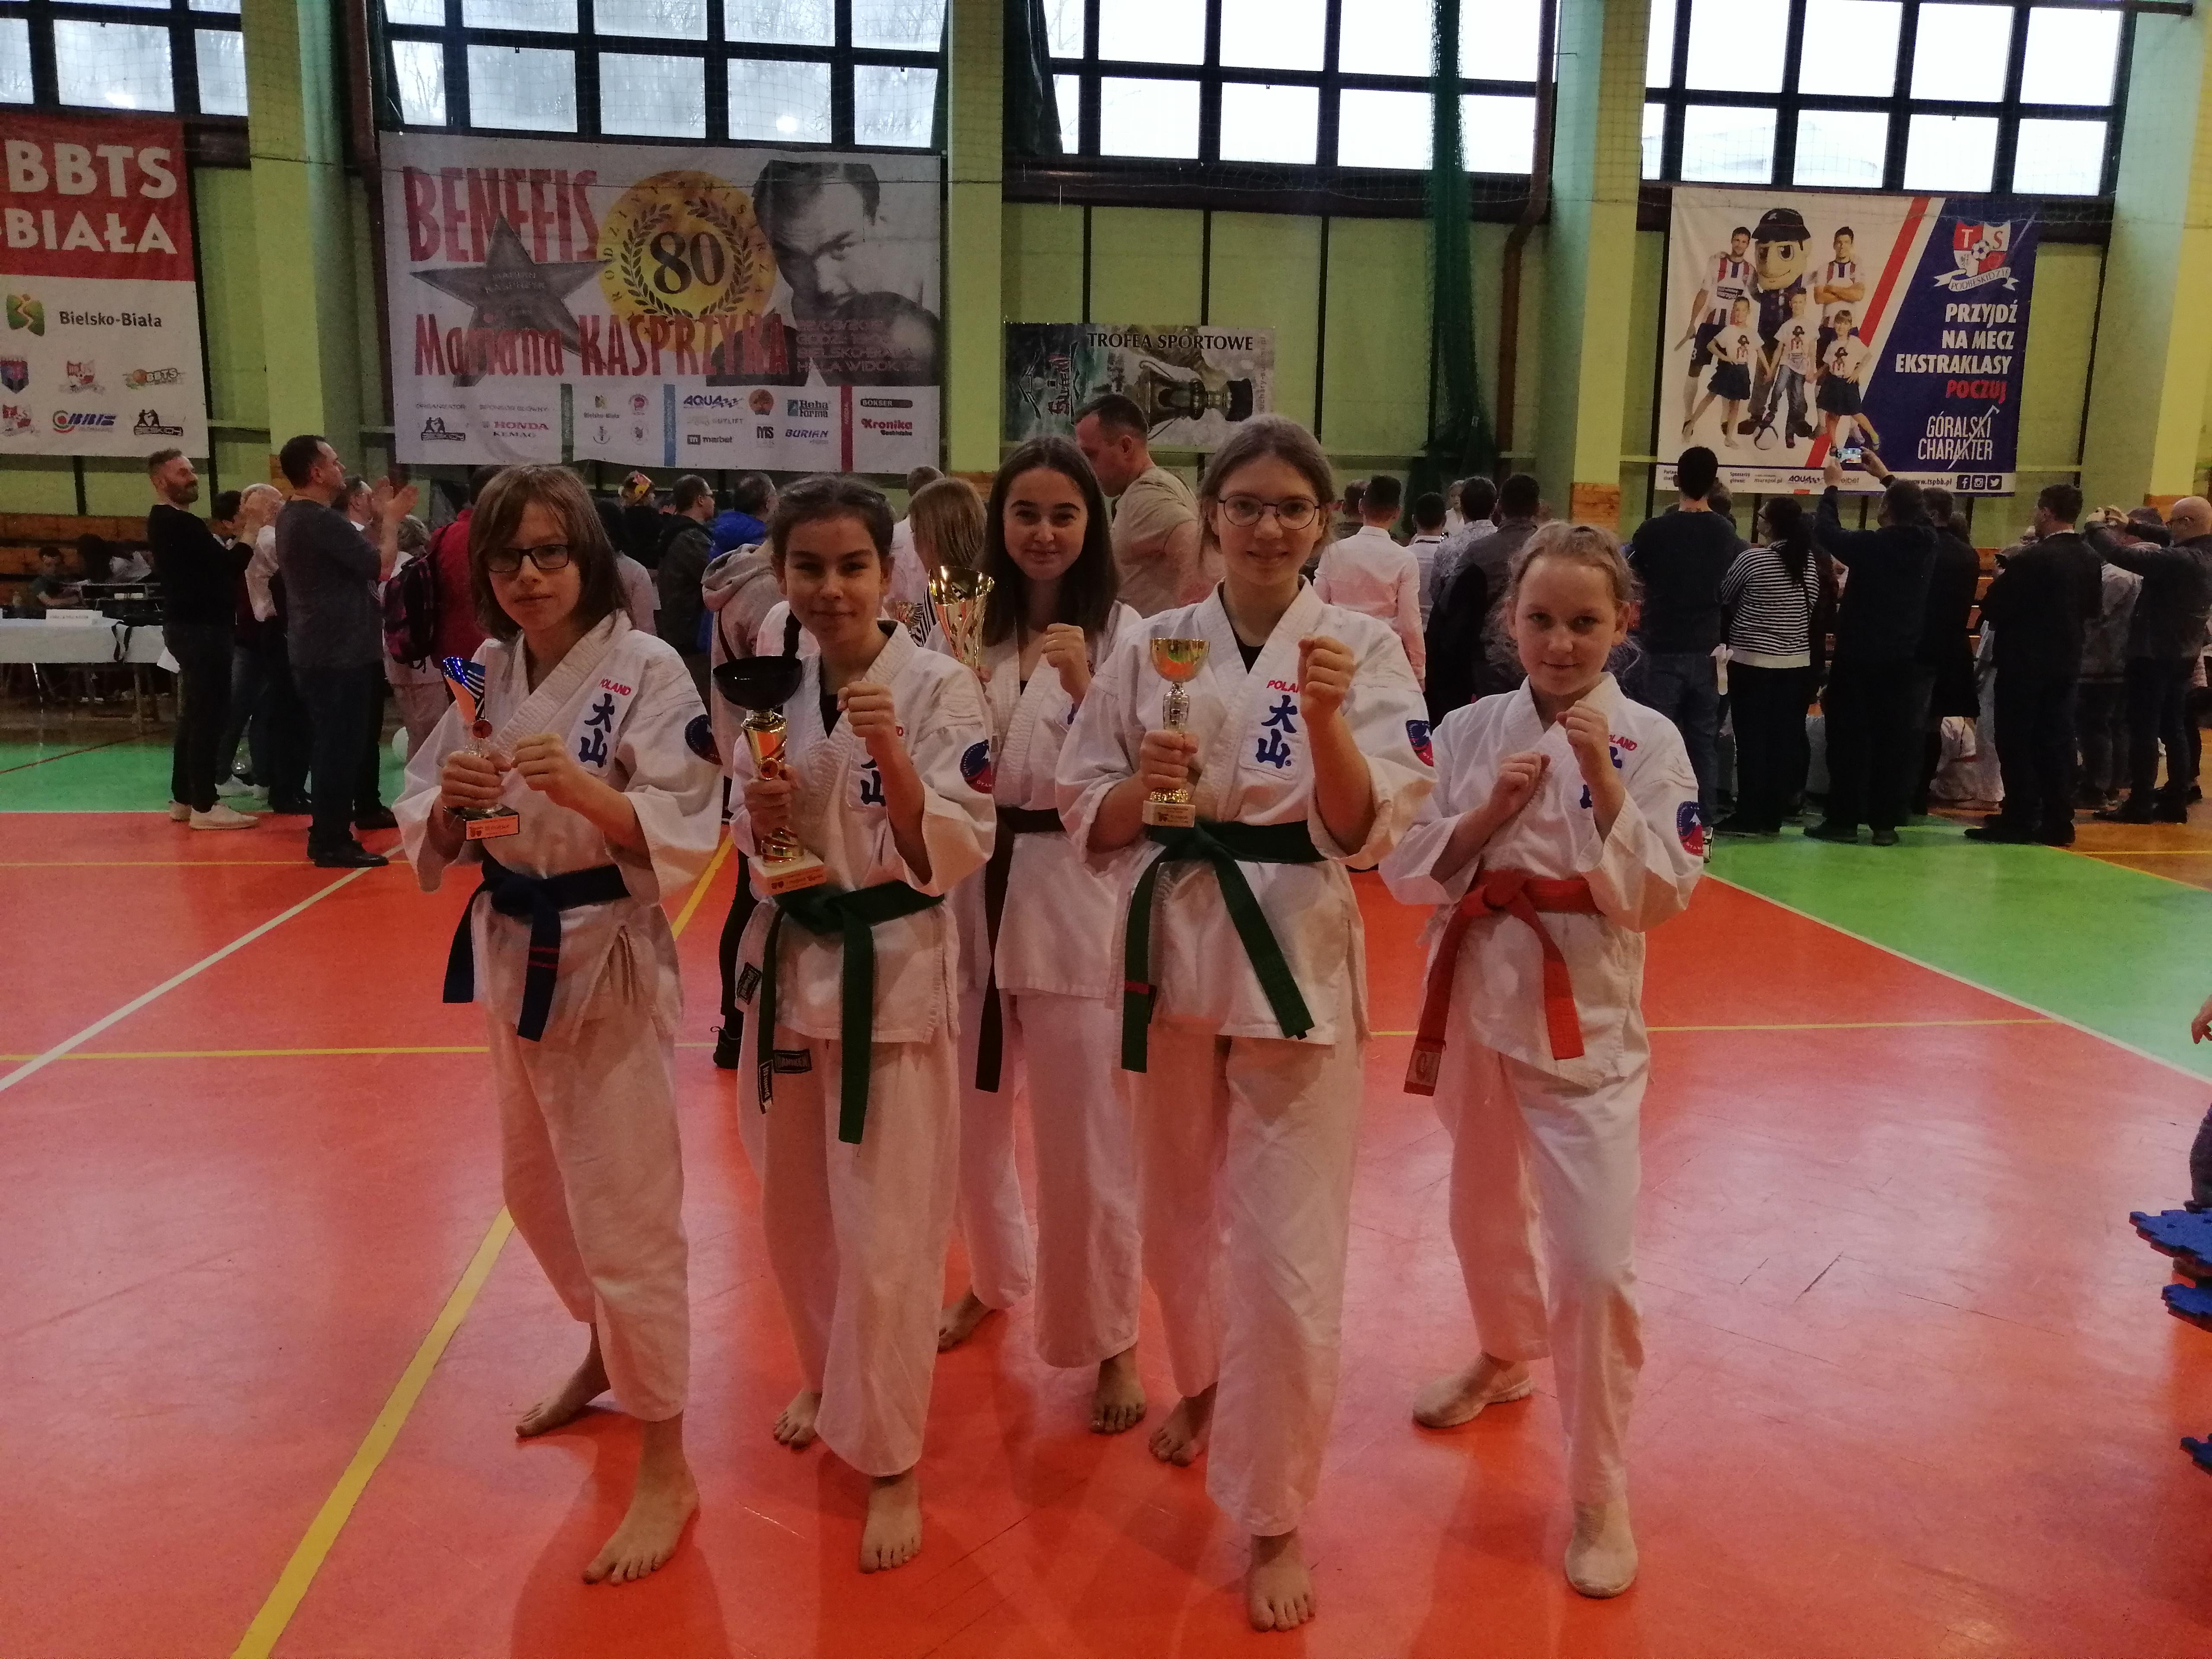 Drużyna w kumite Klubu Oyama Karate Brzeszcze podczas zawodów w Bielsku-Białej. Fot. zbiory KOK Brzeszcze/nadesłane